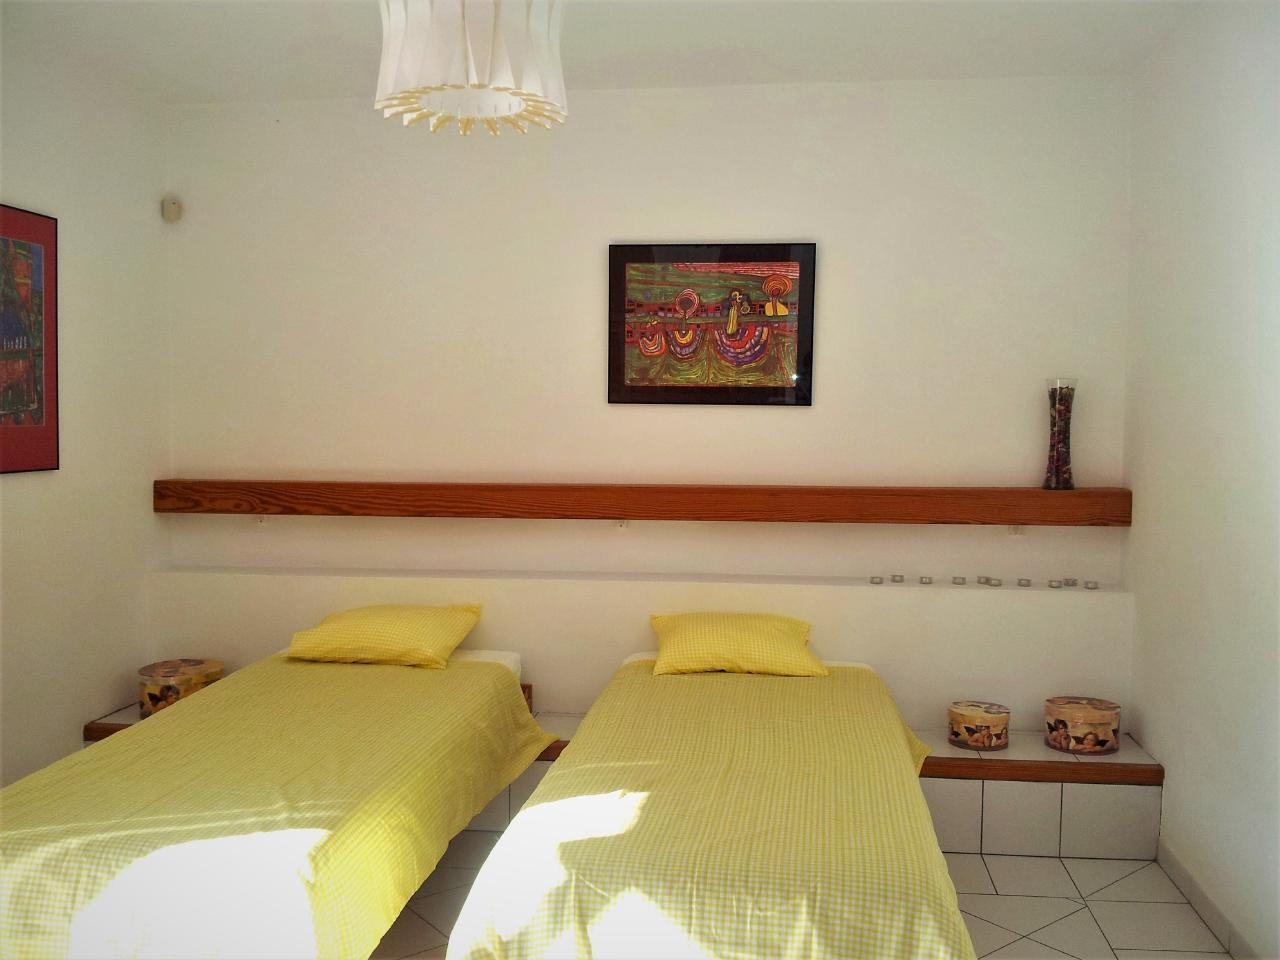 Ferienhaus Exklusive Villa in Strandnähe (642541), Giniginamar, Fuerteventura, Kanarische Inseln, Spanien, Bild 39